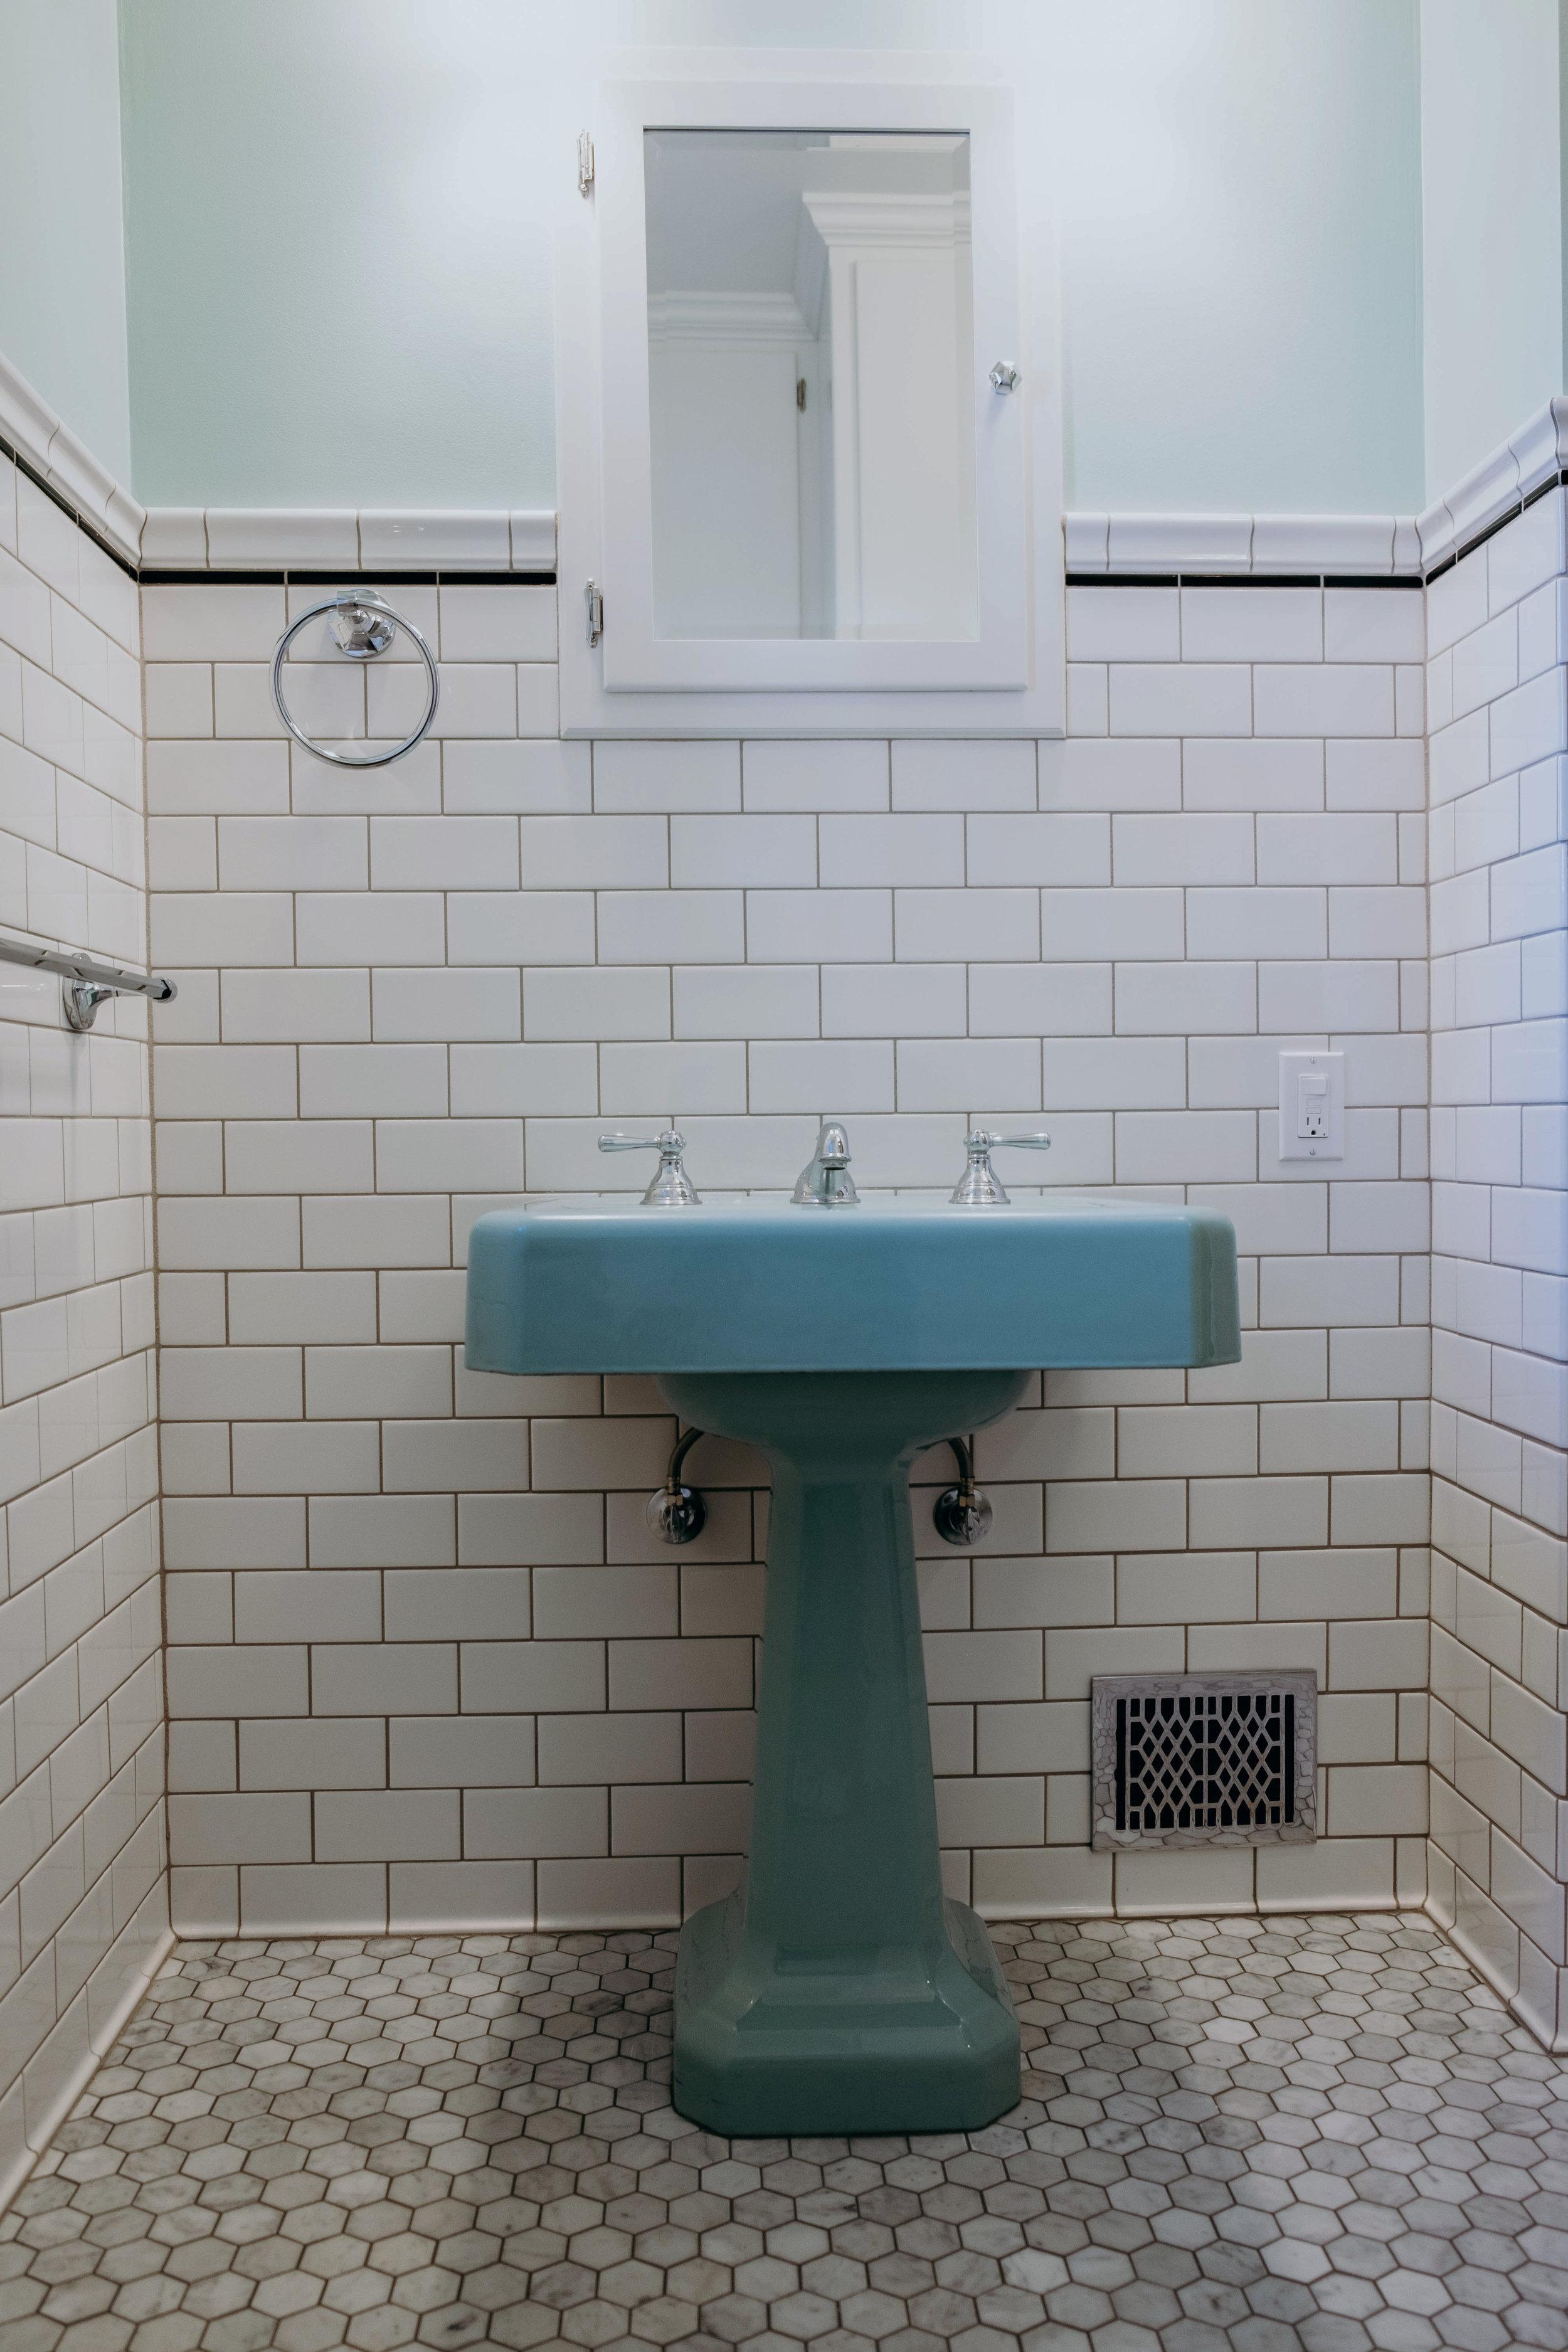 Andersonbathroom13-36.jpg